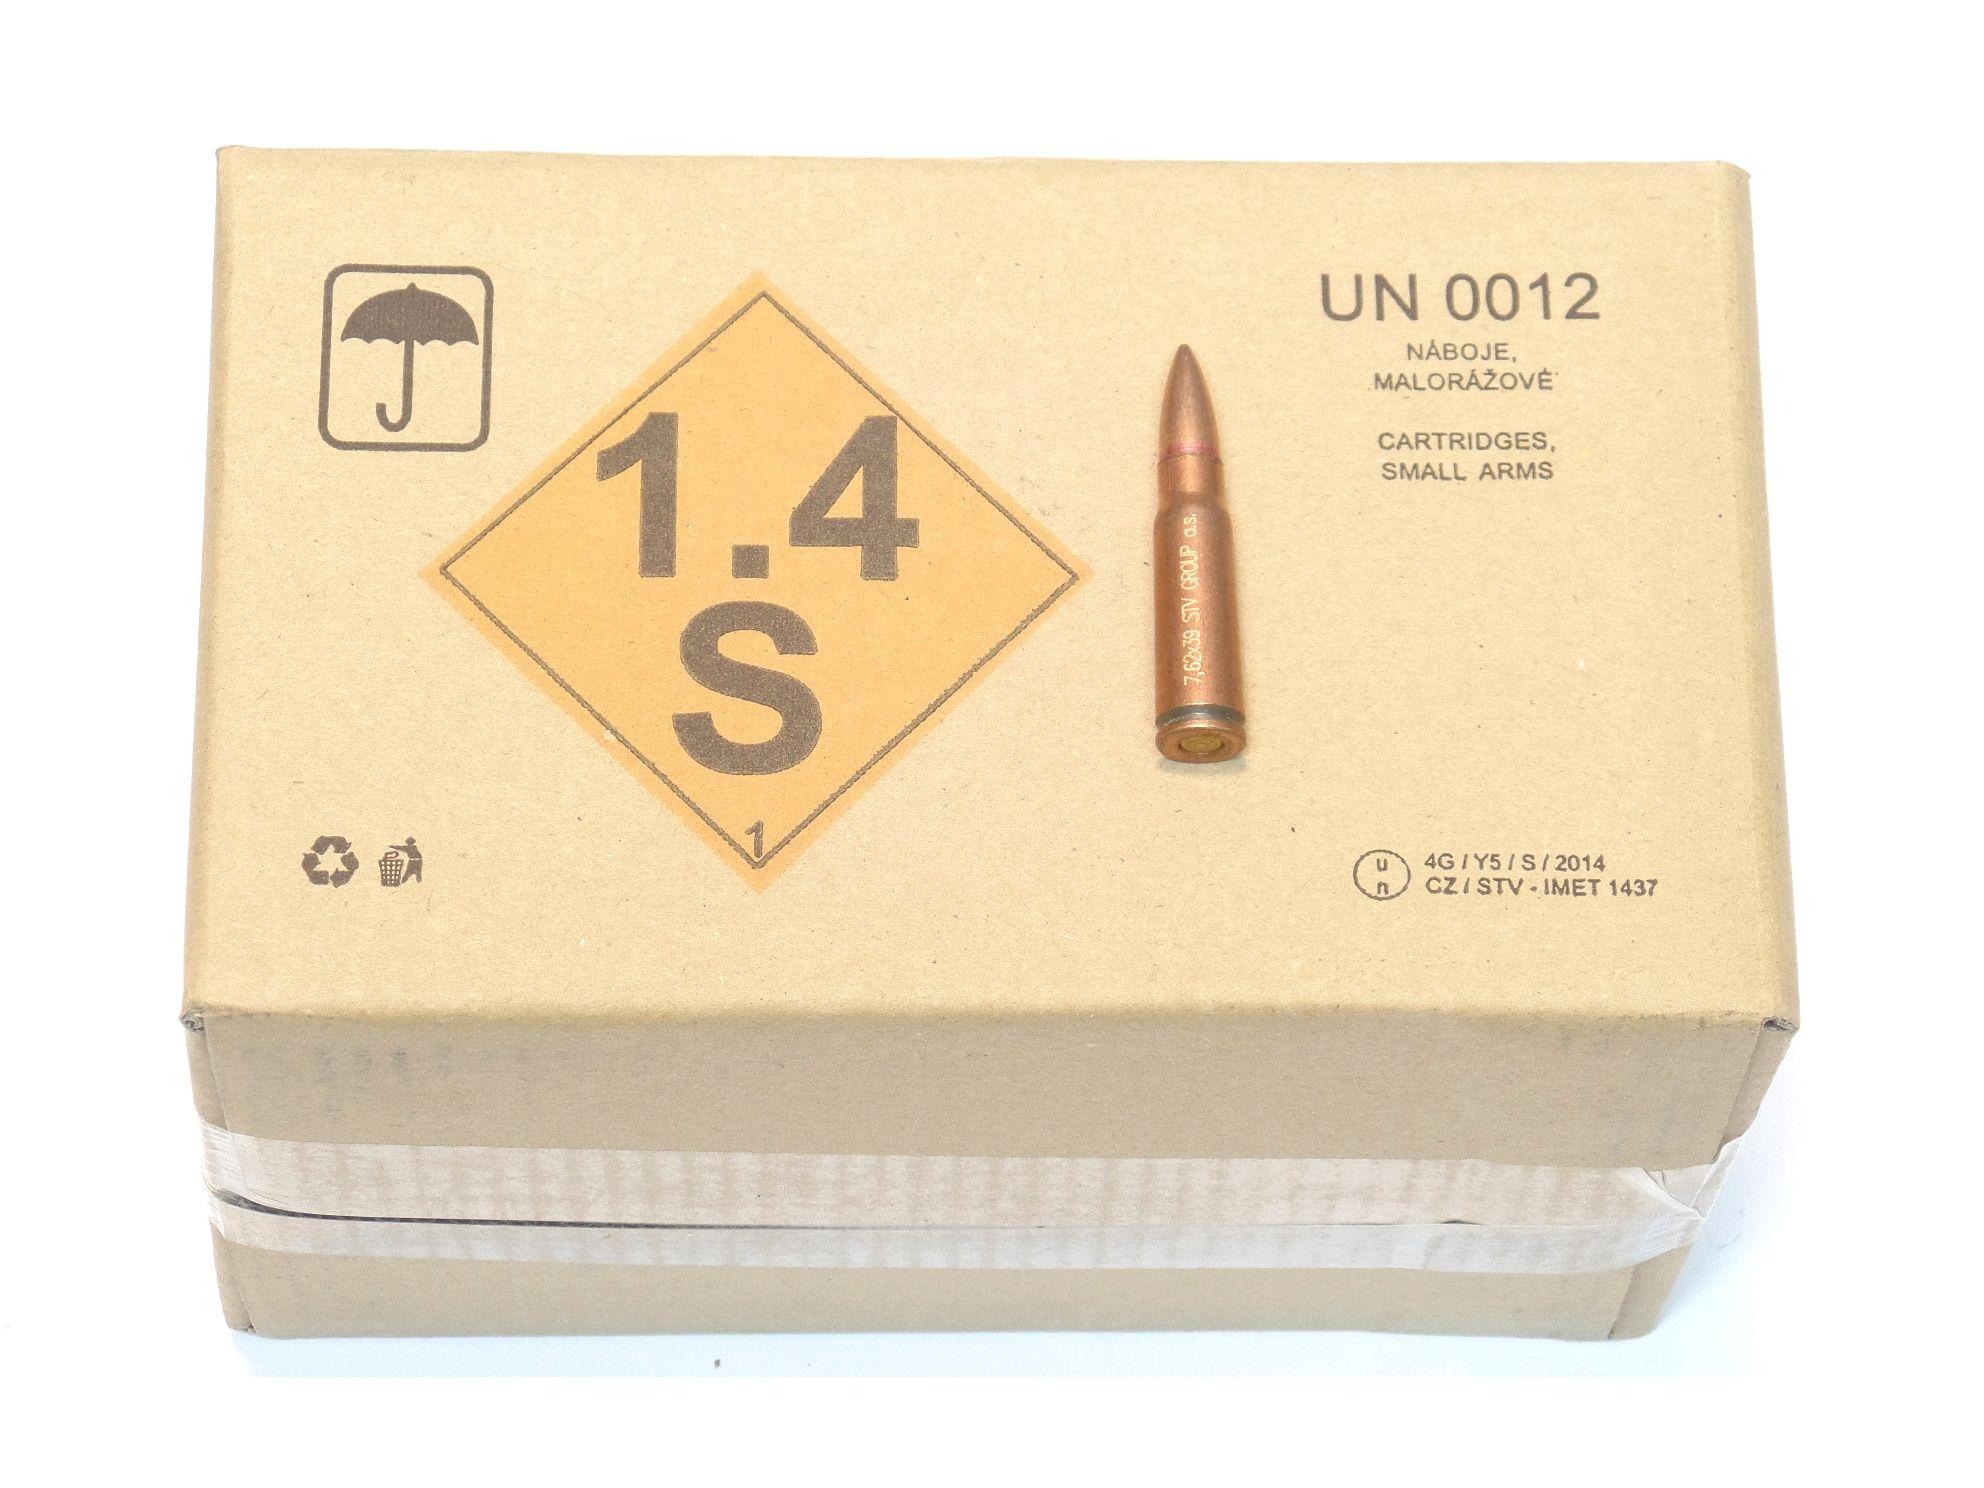 MUNITIONS x250 calibre 7.62x39 SURPLUS